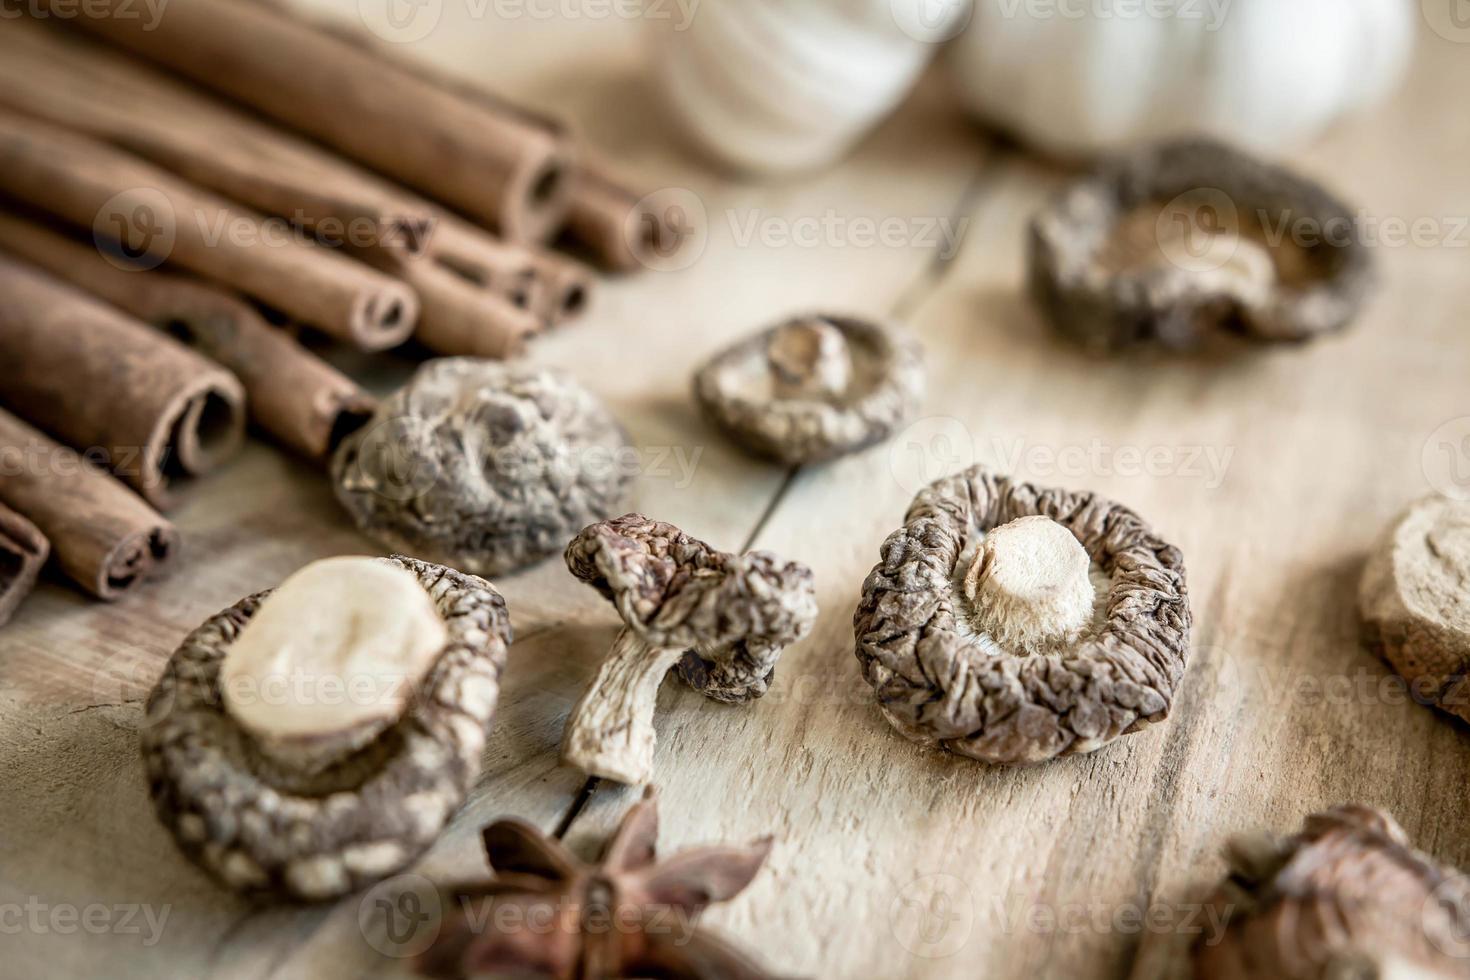 Les champignons shiitake séchés sur une vieille table en bois photo